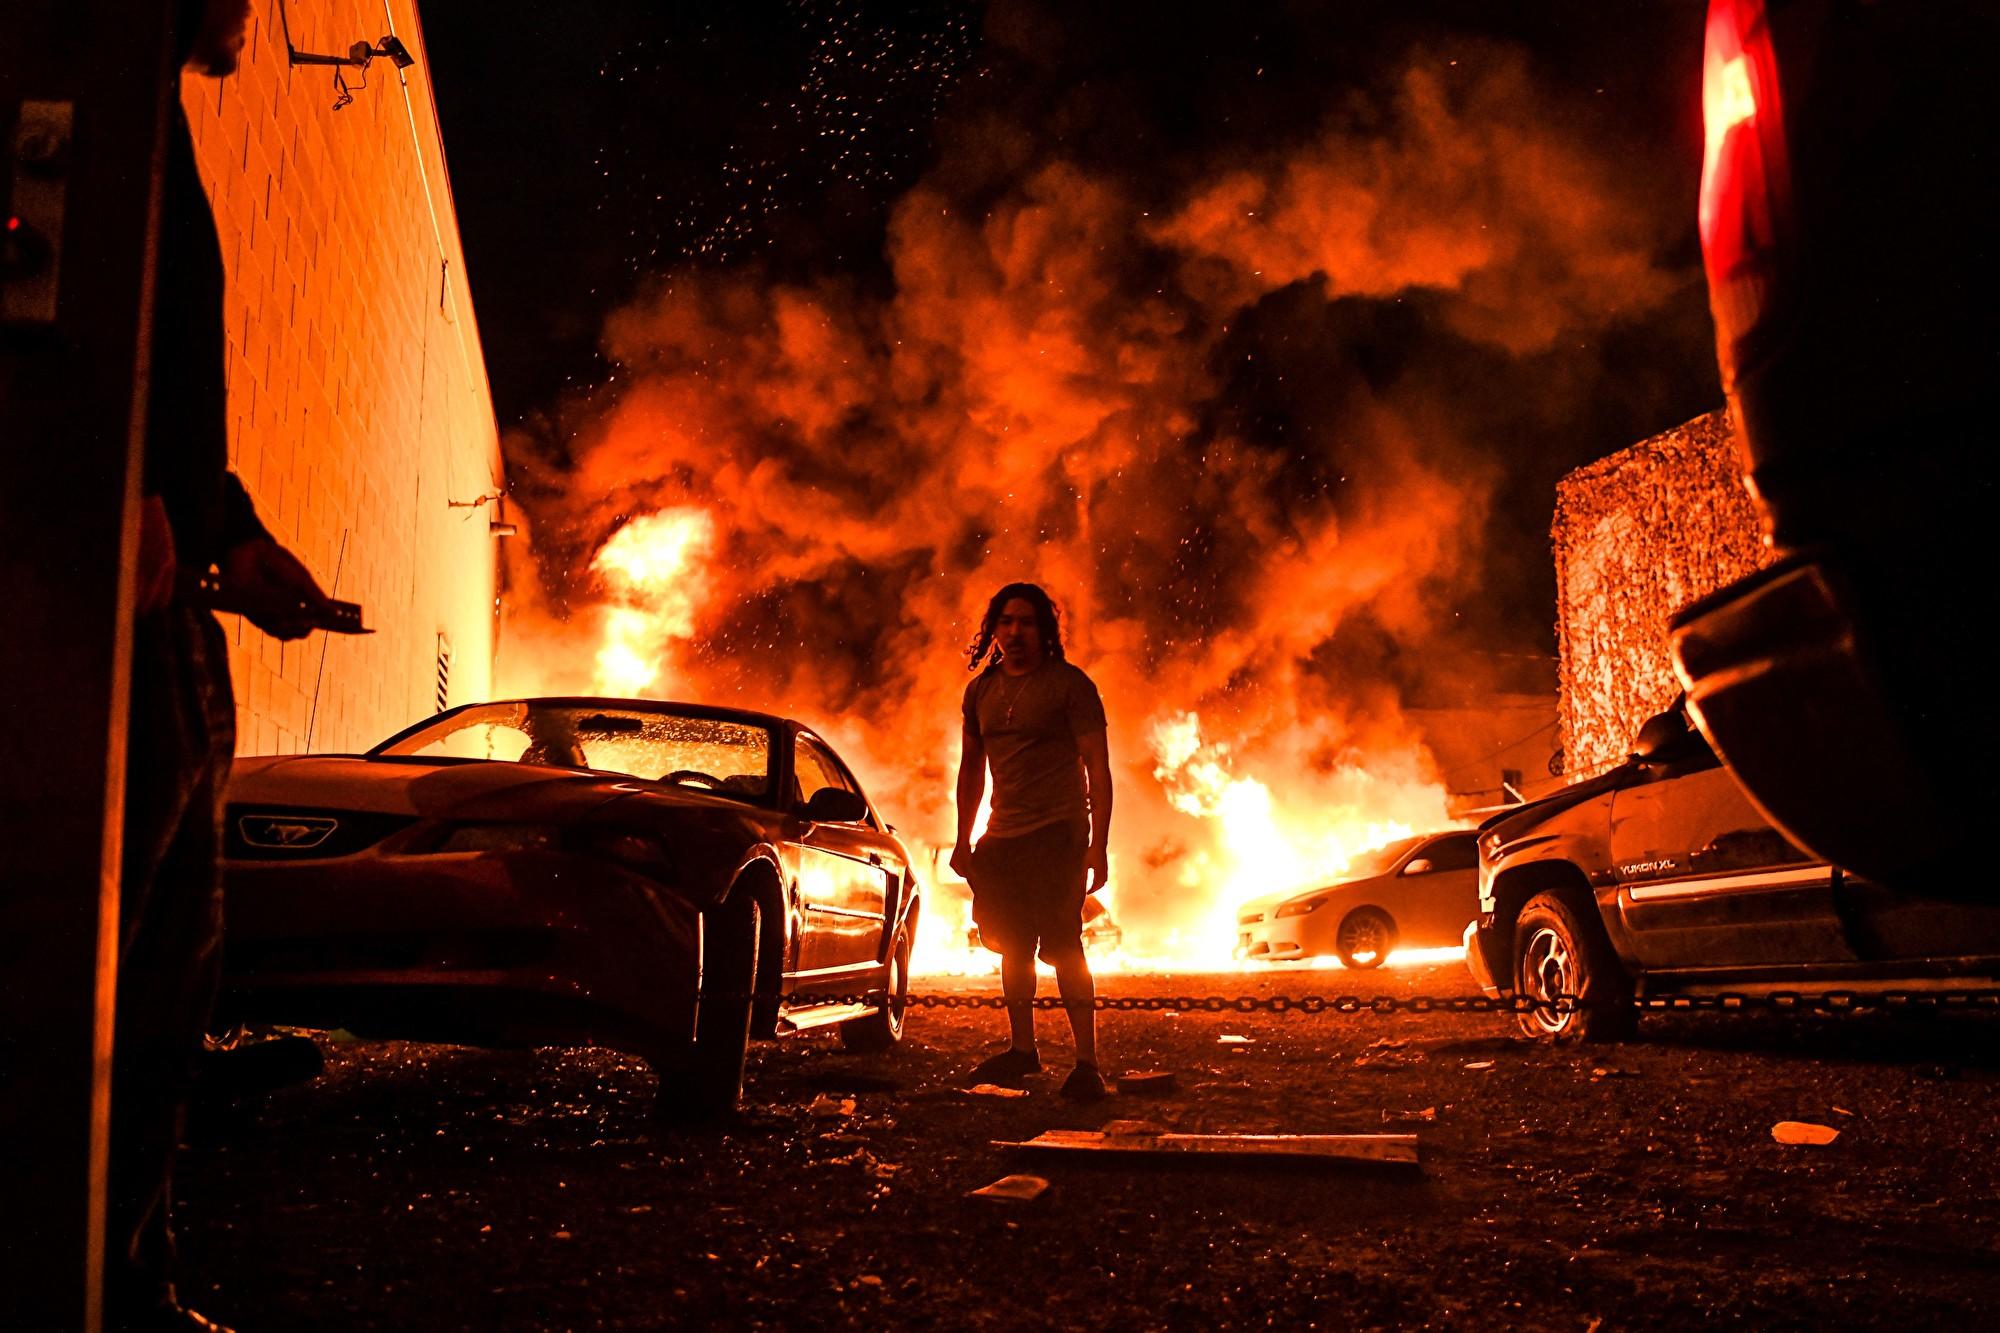 中共開足馬力渲染 美「騷亂」背後鬼影幢幢